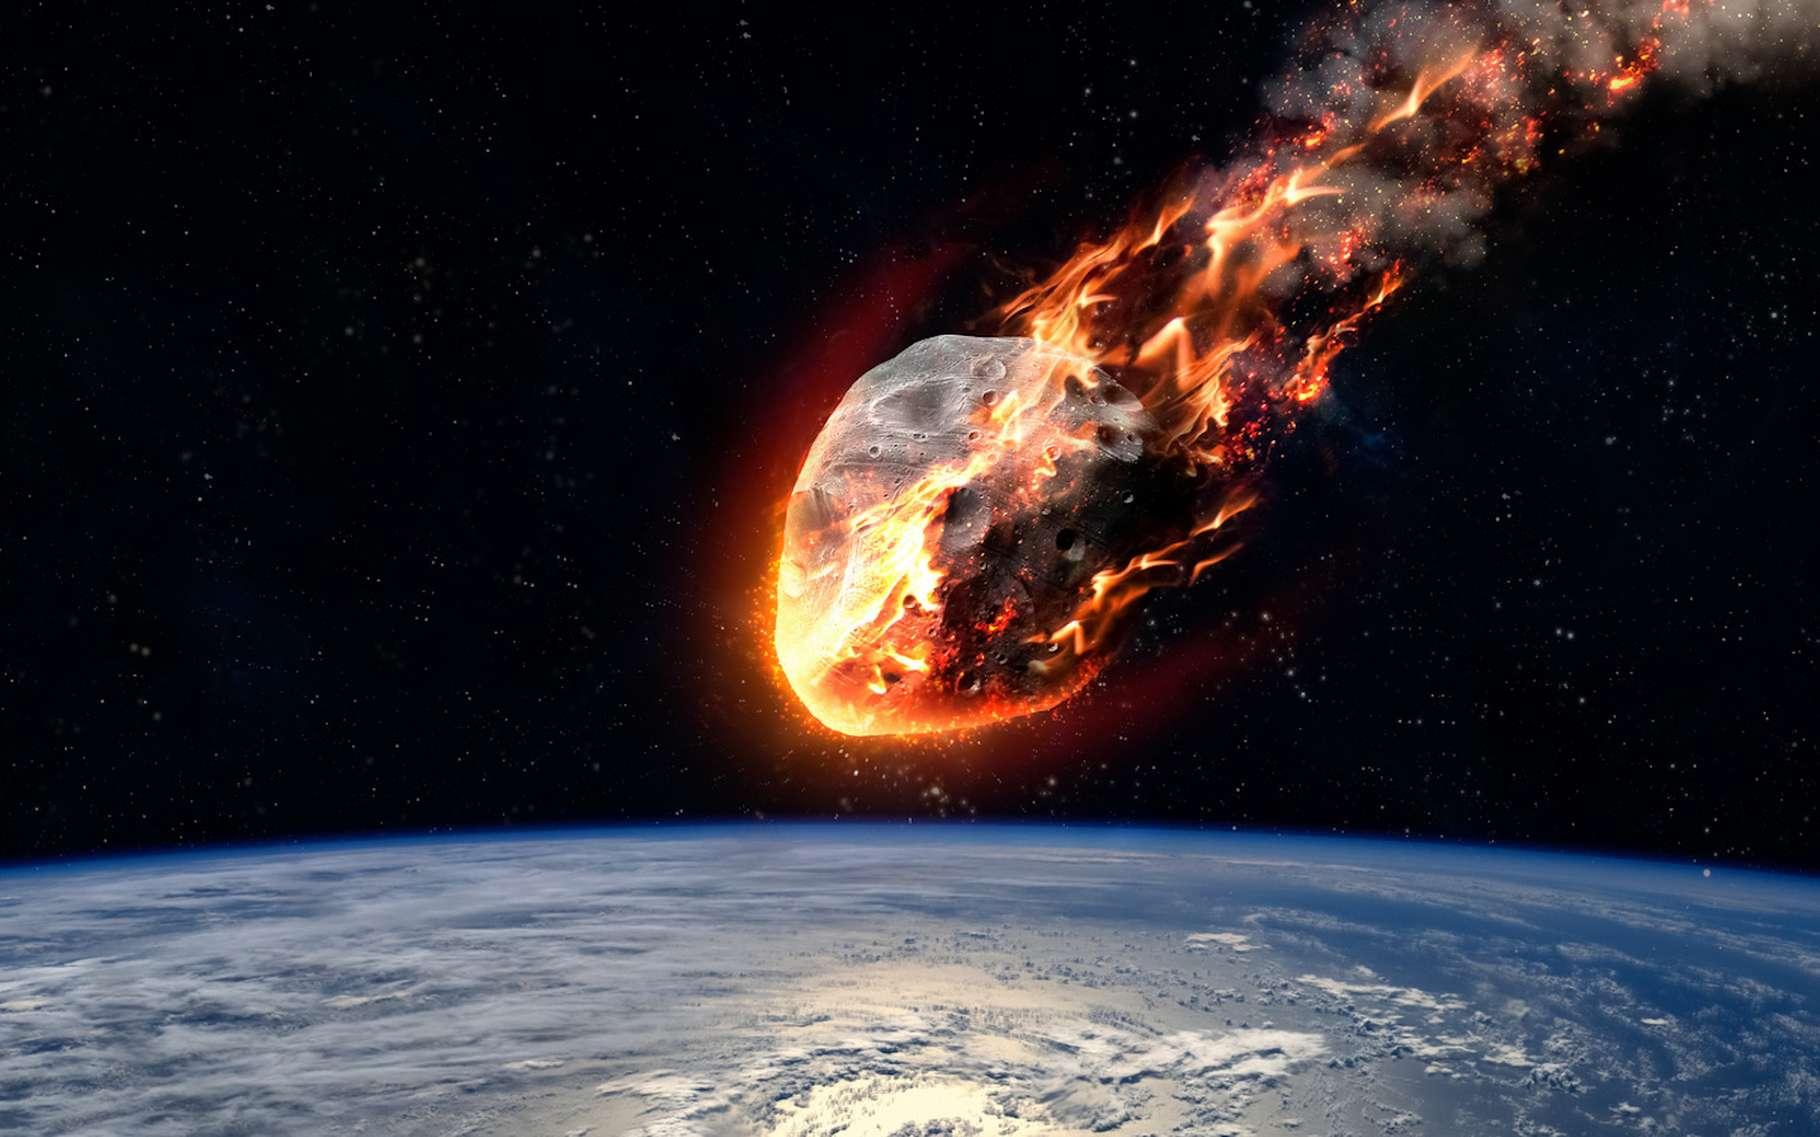 De l'iridium, comme celui qui est arrivé sur Terre avec l'astéroïde qui a tué les dinosaures, pourrait servir de parfait photosensibilisant pour les thérapies photodynamiques du futur et aider ainsi à vaincre des cancers aujourd'hui résistants. © Vadimsadovski, Fotolia